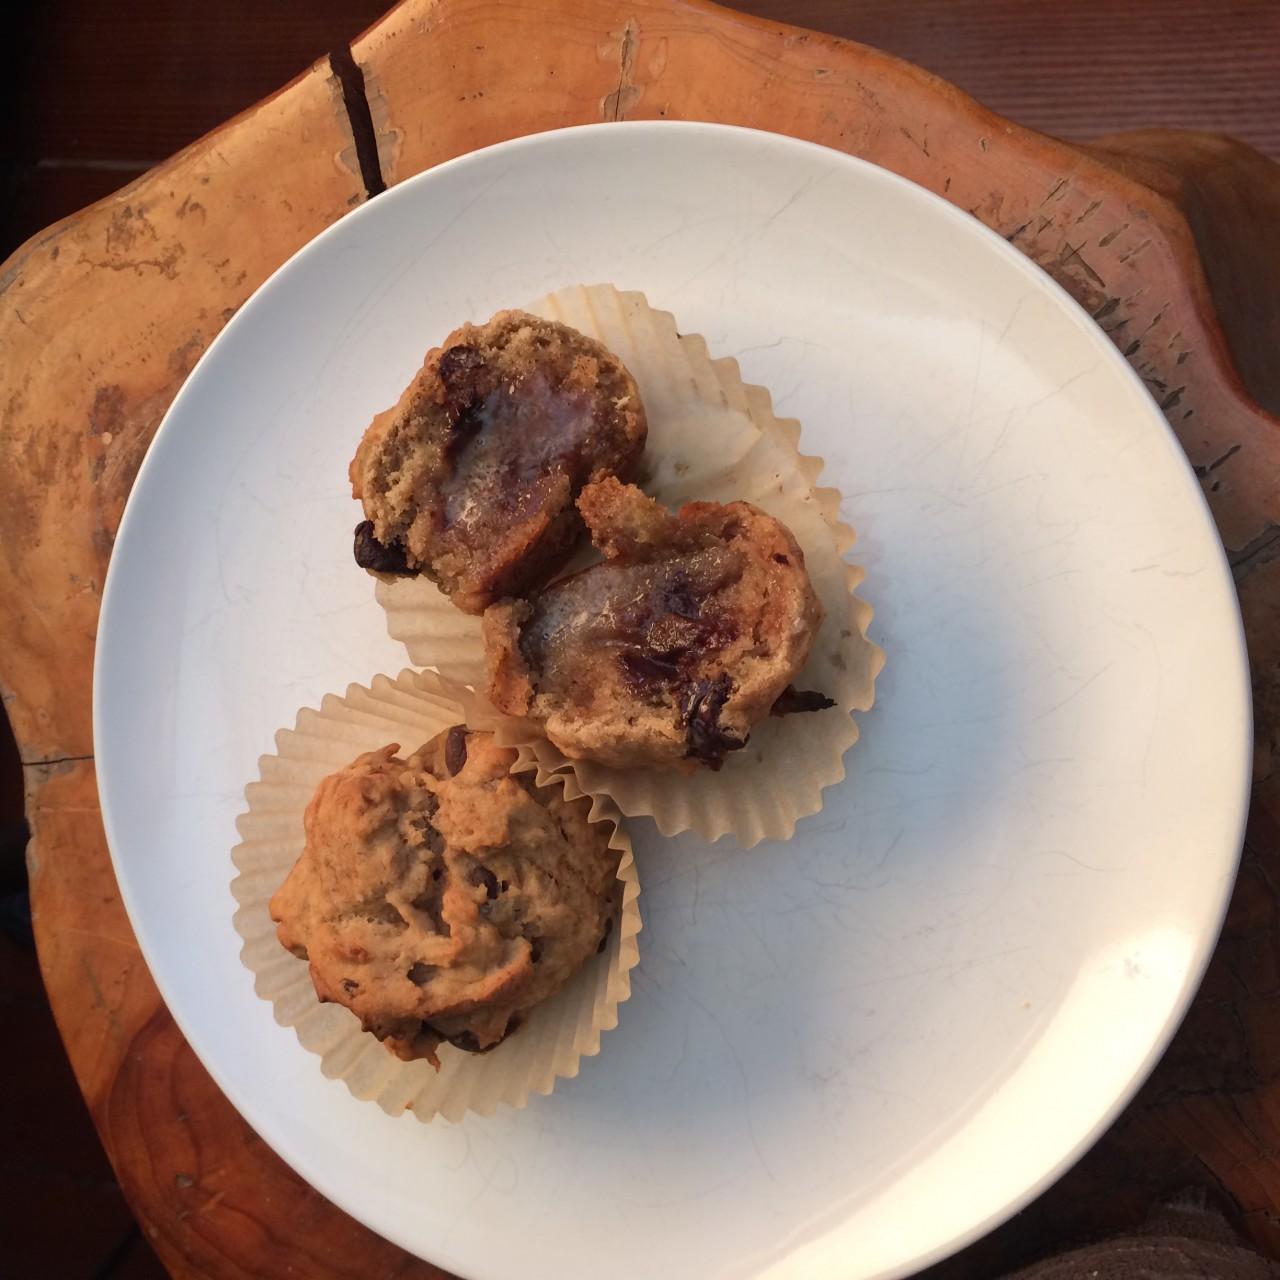 Vegan, Gluten Free Banana Chocolate Chip Muffins